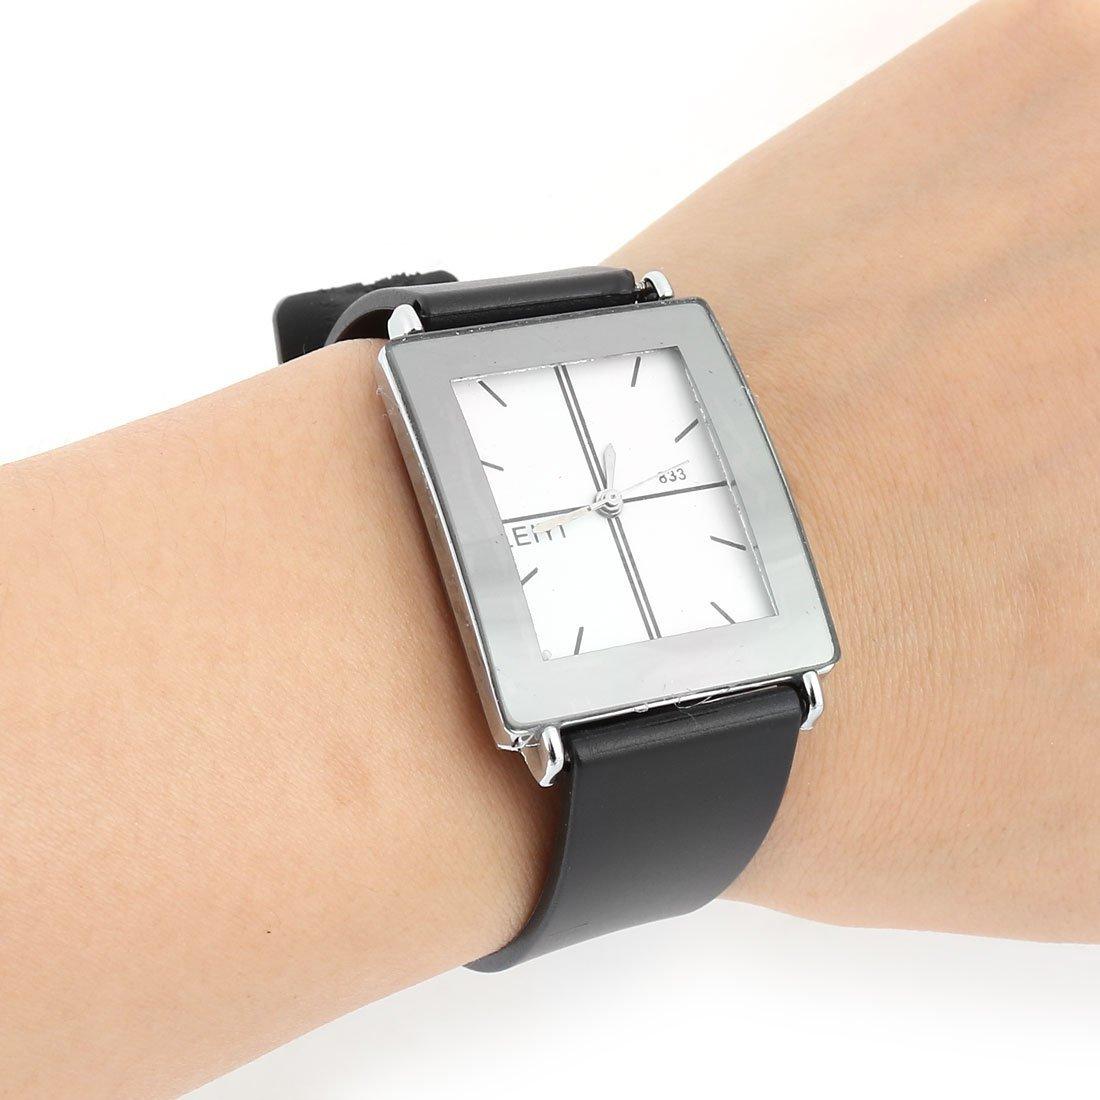 Amazon.com : eDealMax Correa cuadrados plásticos Diseño Mujeres Adjuatable Longitud resistente al agua reloj de pulsera : Sports & Outdoors